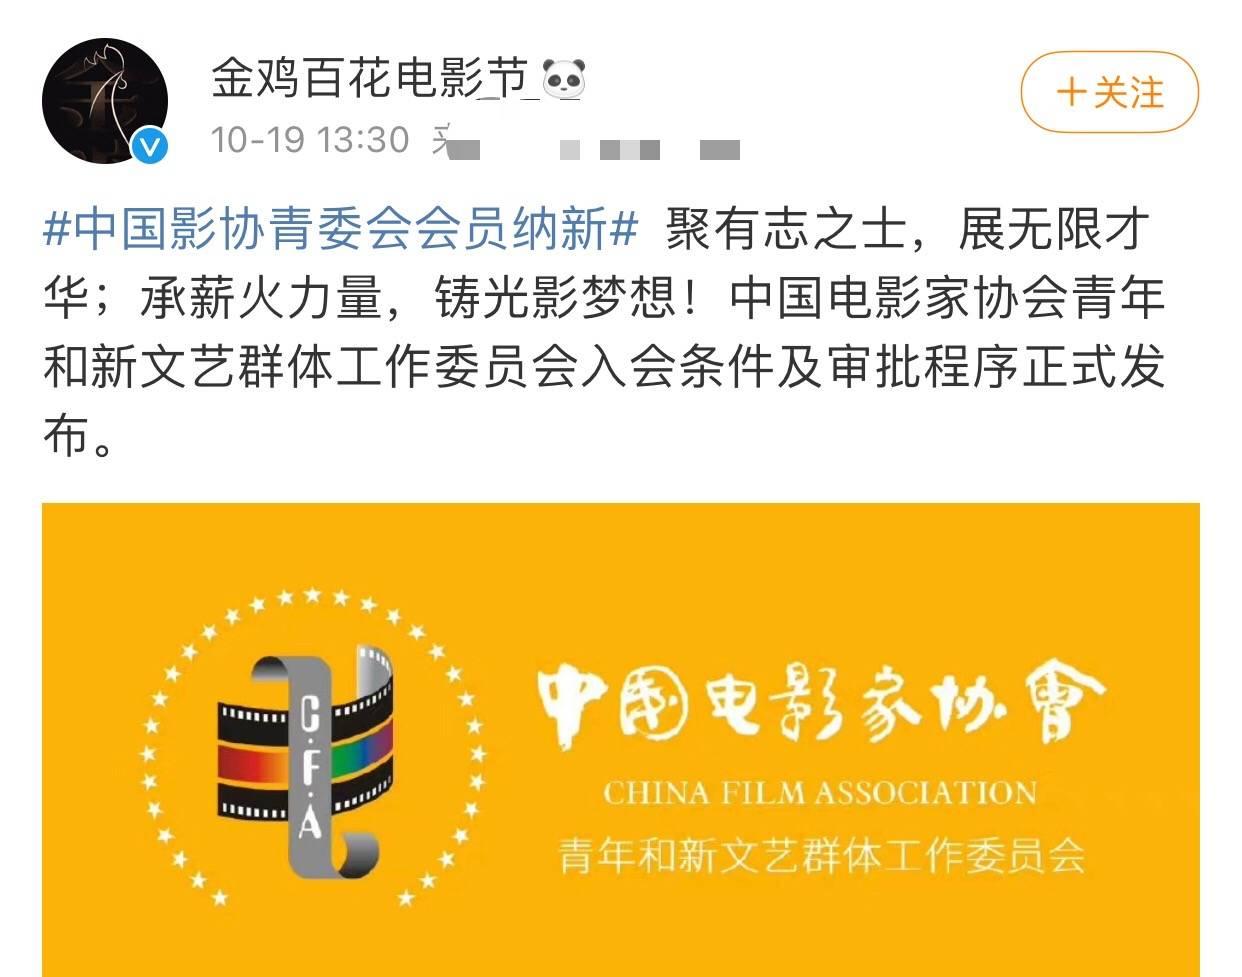 中影协青委会吸纳新会员 黄晓明担任会长